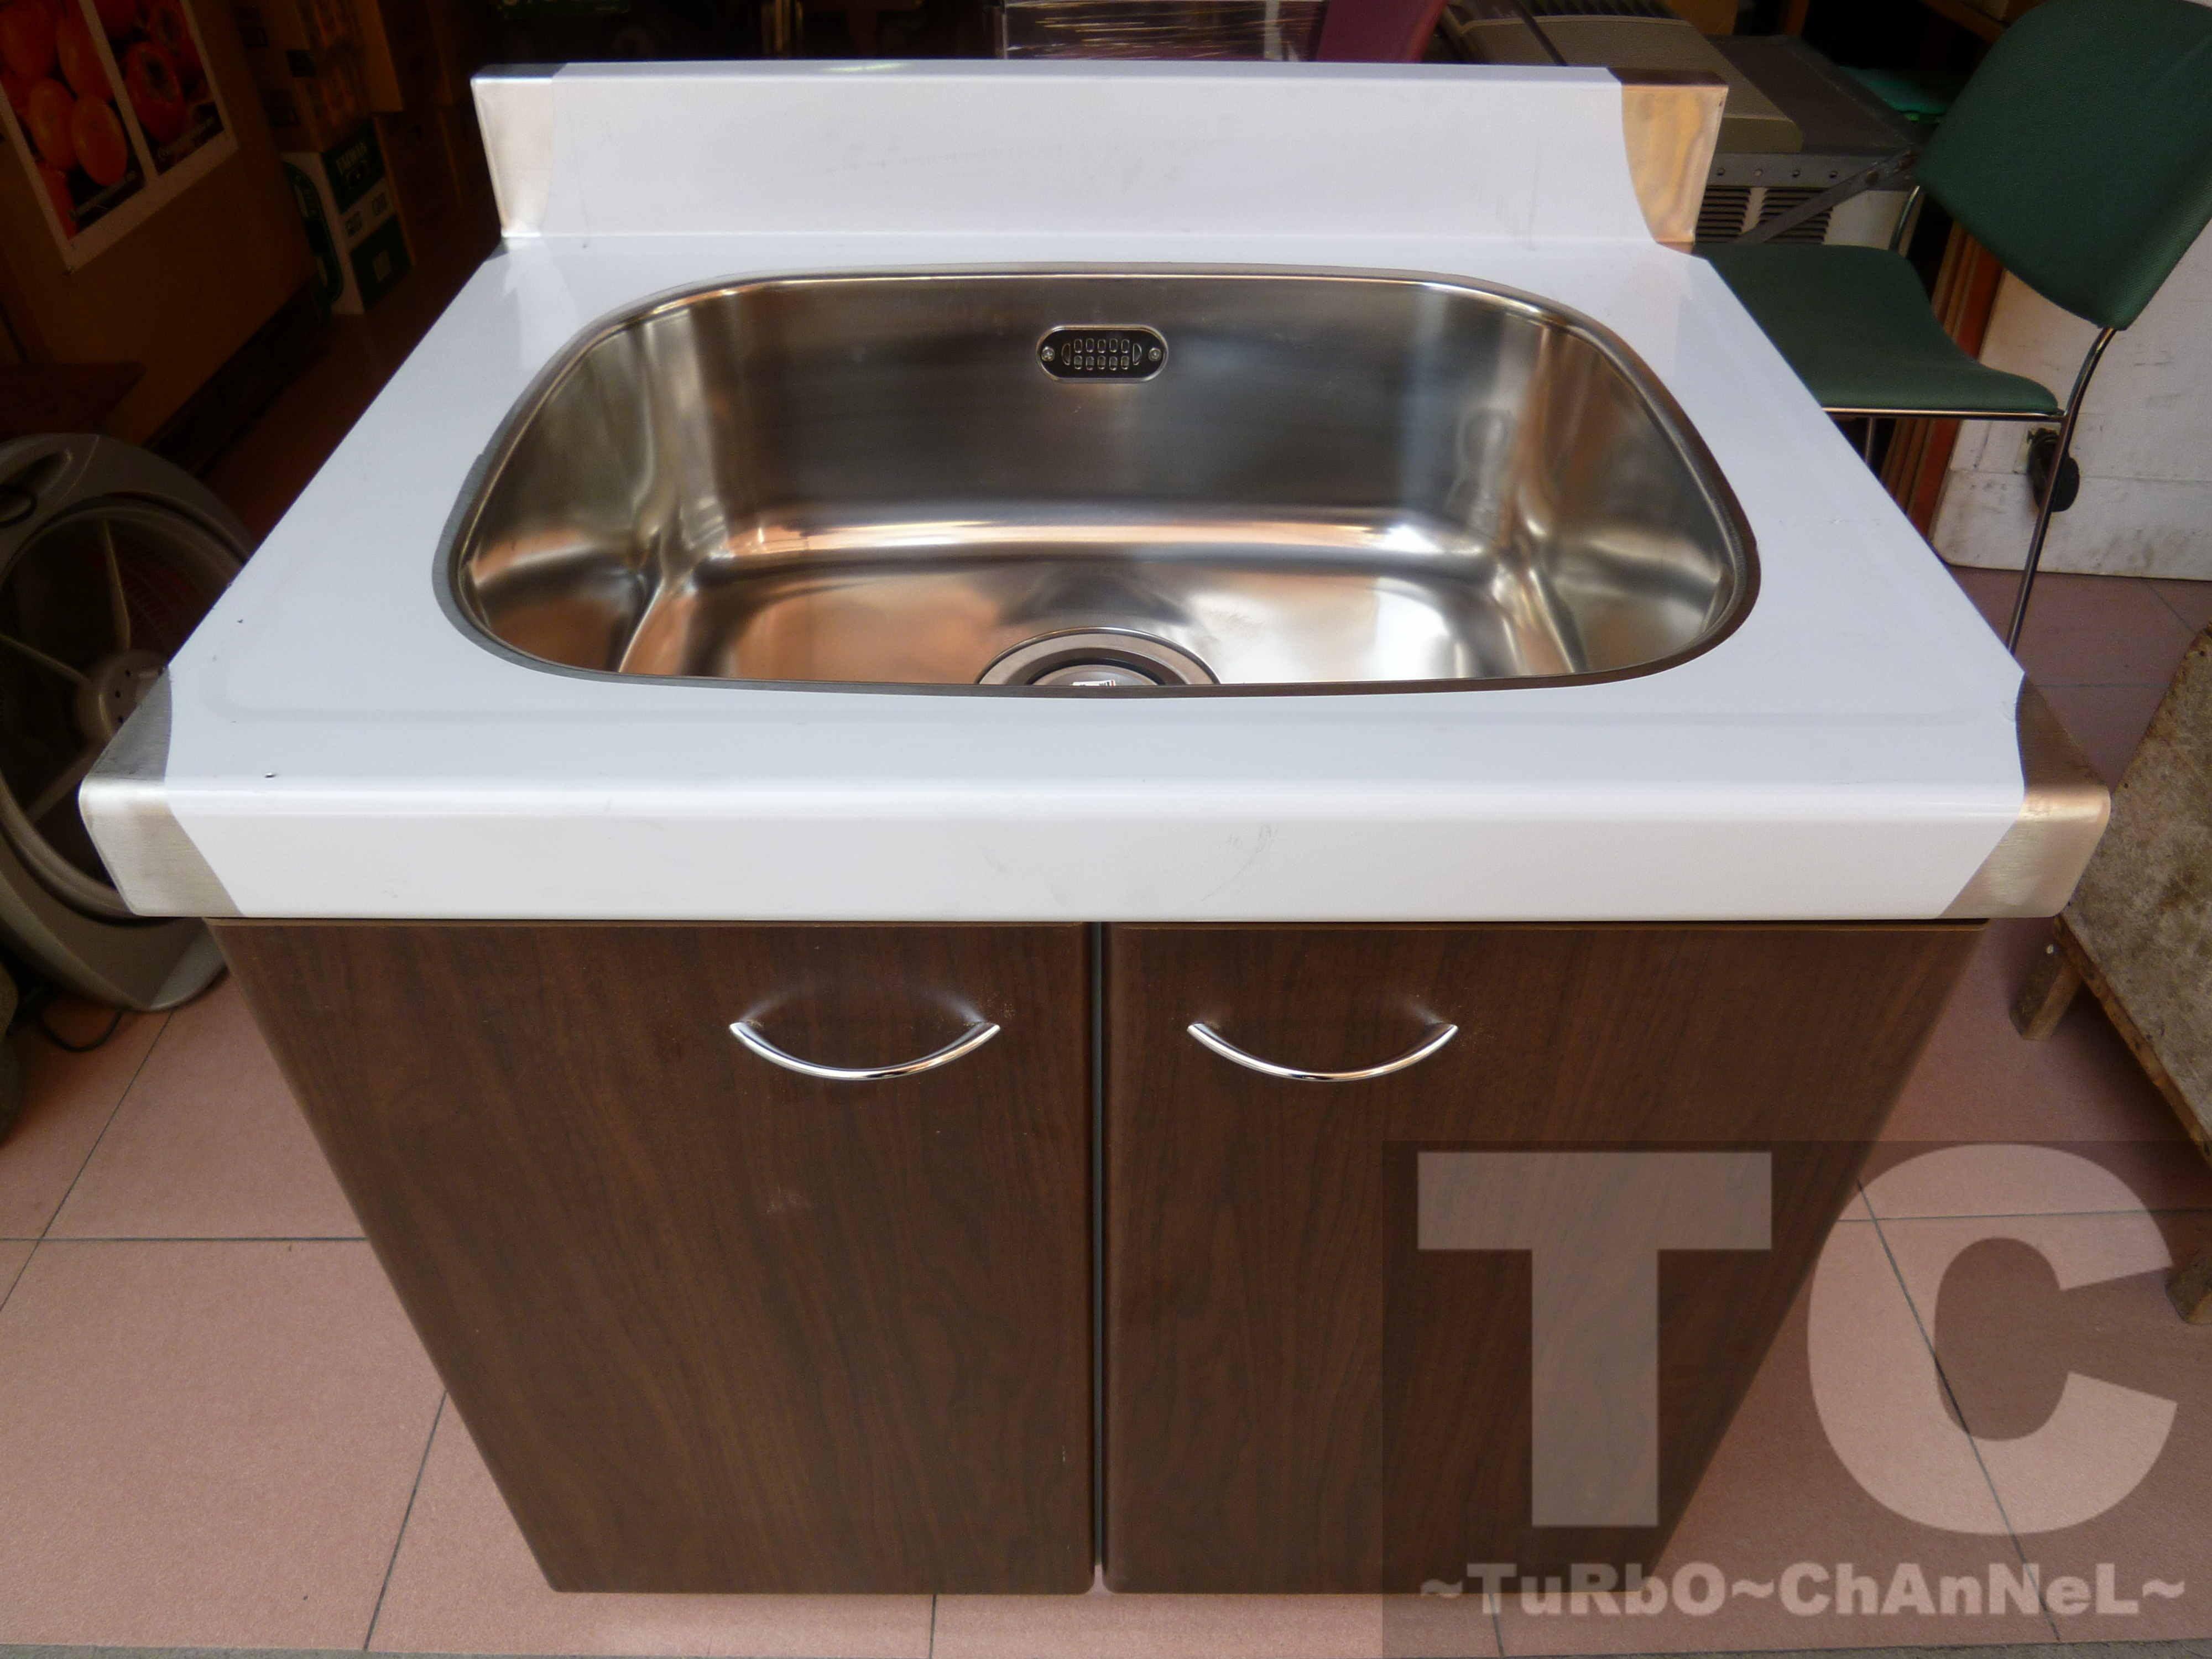 流理台【72公分水槽】台面&櫃體不鏽鋼 深木紋色門板 最新款流理臺